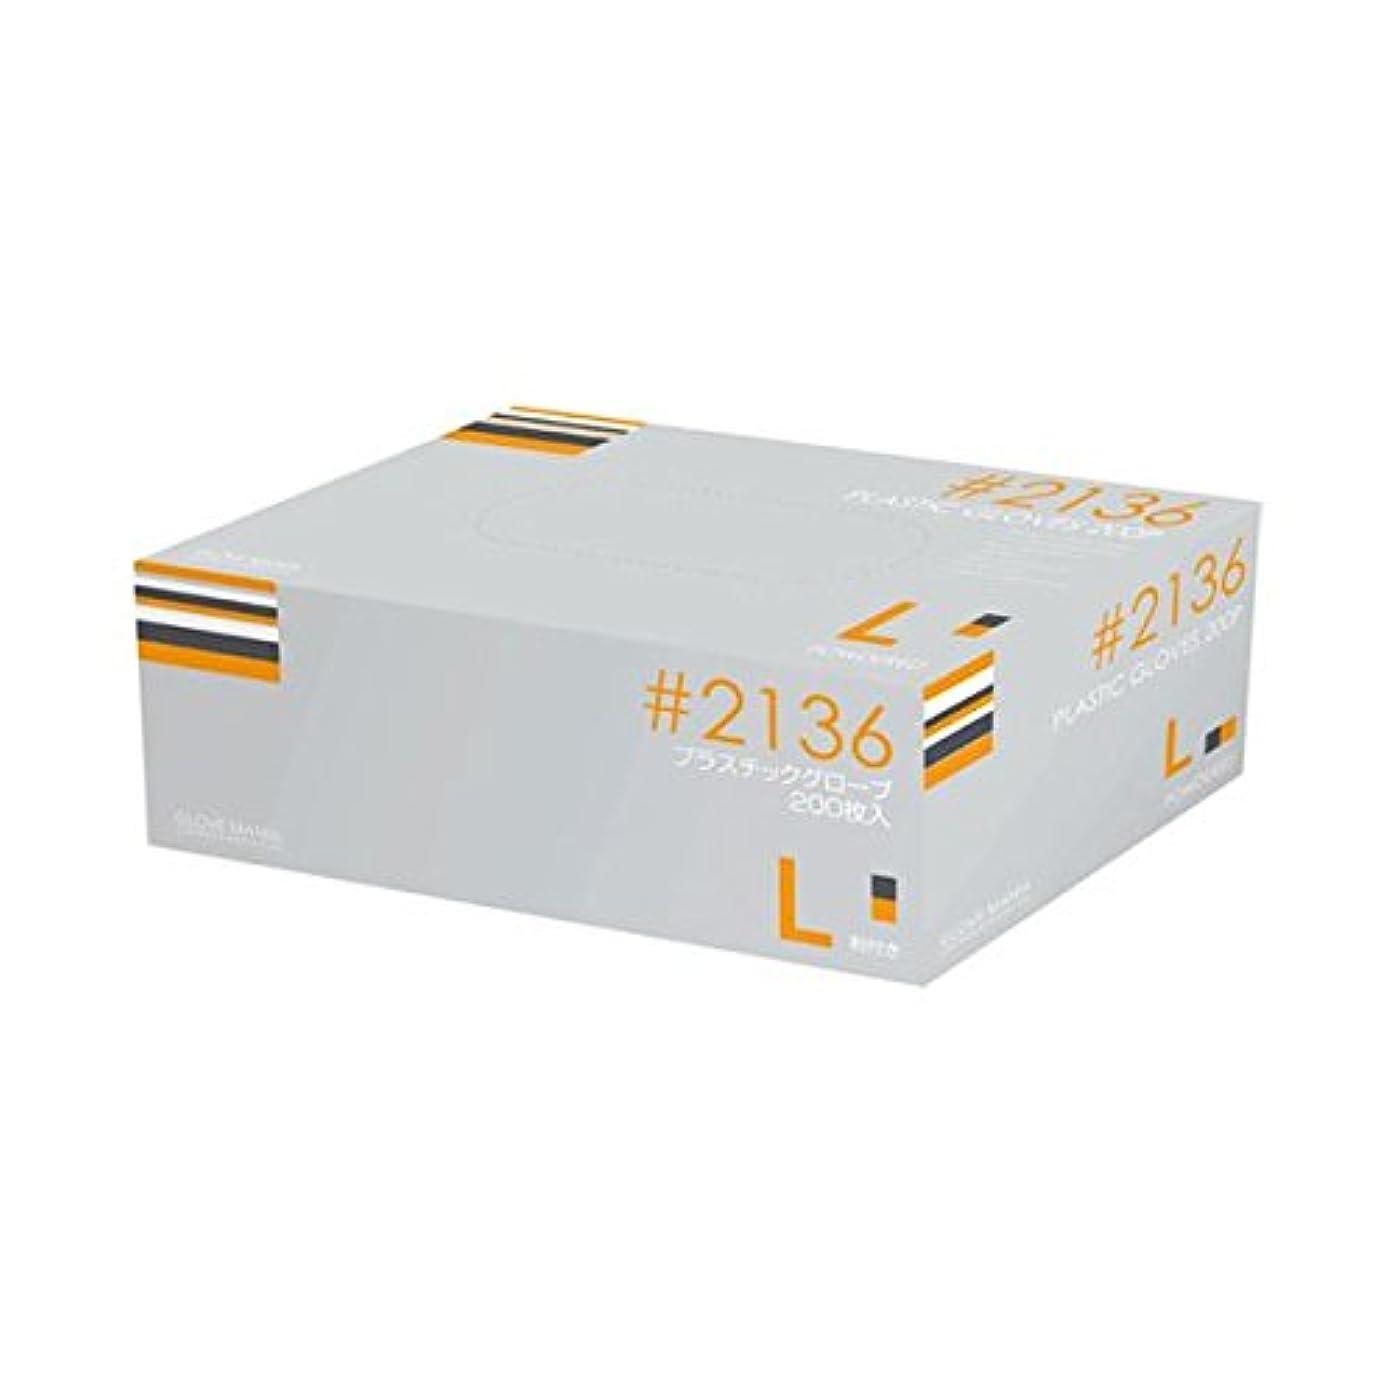 落ち着くバックグラウンドフェデレーション川西工業 プラスティックグローブ #2136 L 粉付 15箱 ダイエット 健康 衛生用品 その他の衛生用品 14067381 [並行輸入品]